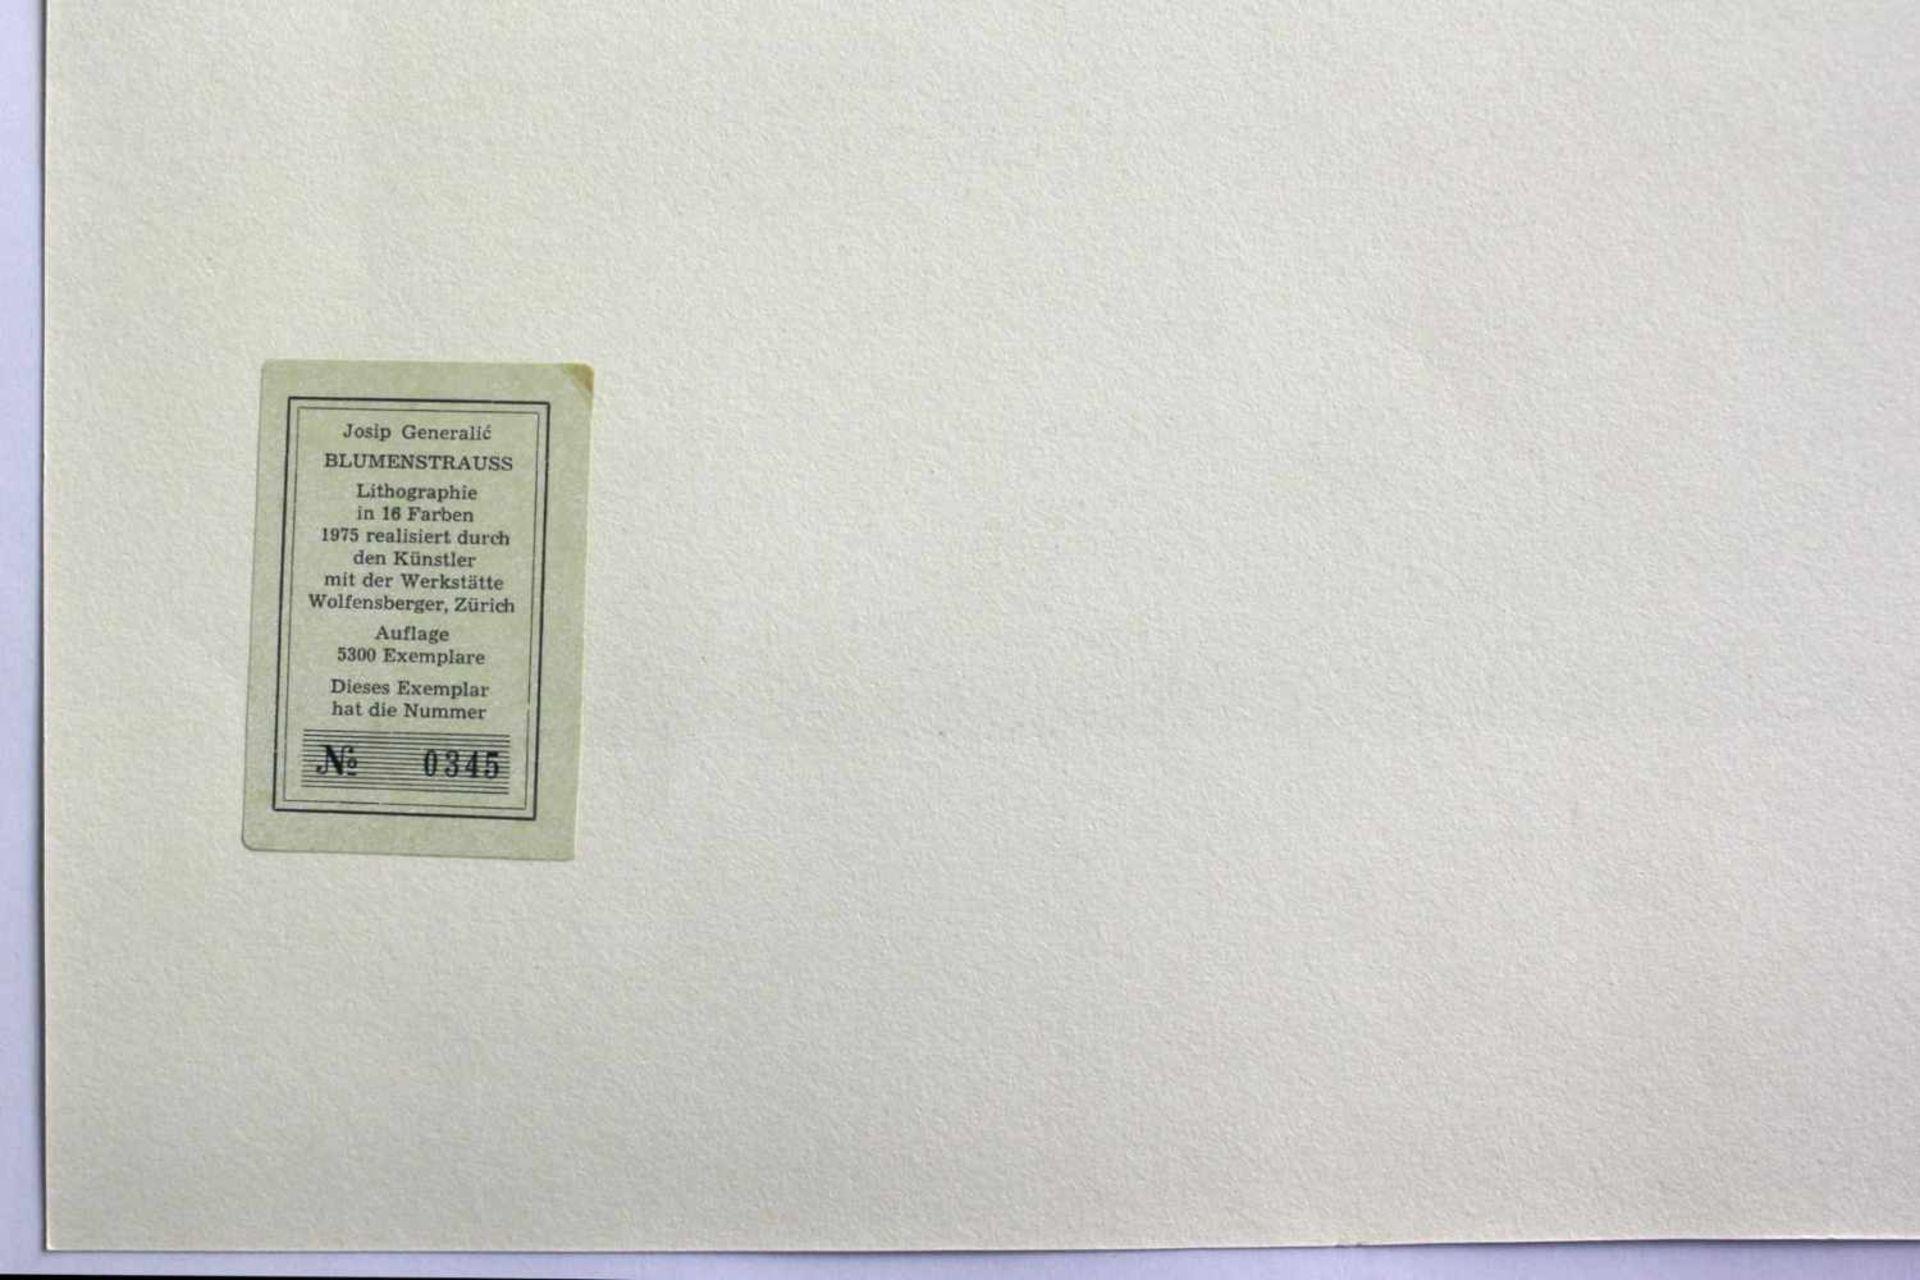 Josip Generalic 1914 - 1992 Blumenstrauß 1975 Lithographie 1975 realisiert, nummeriert 0345/5300 - Bild 3 aus 3